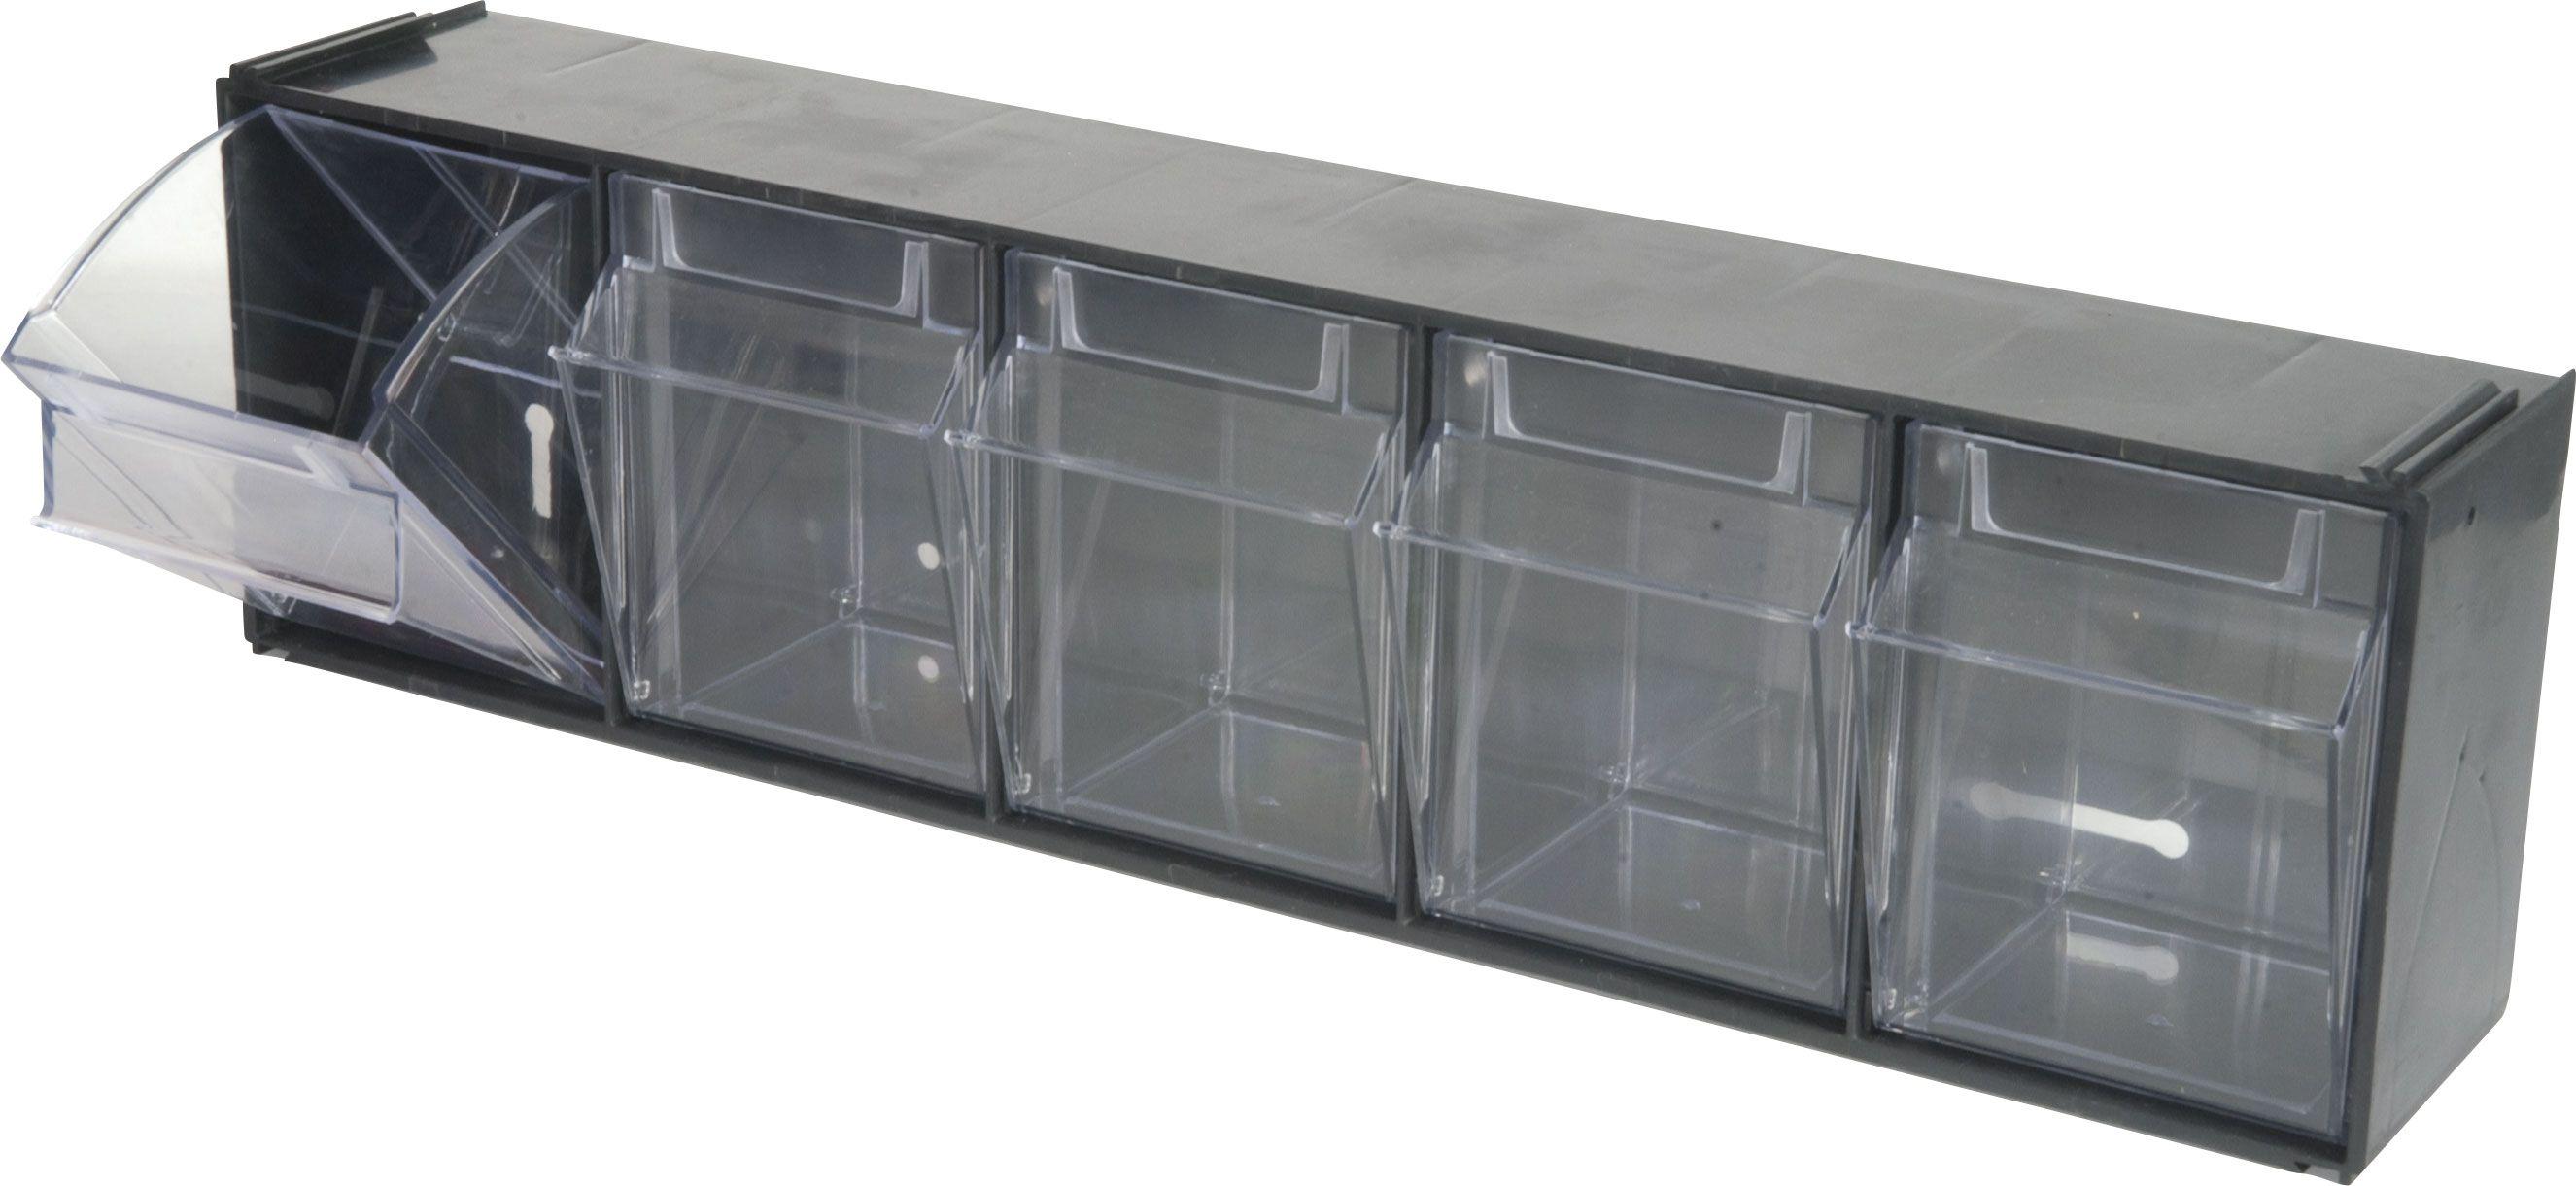 Tilt Out Storage Bin Cabinet Storage Bin Storage Cabinet